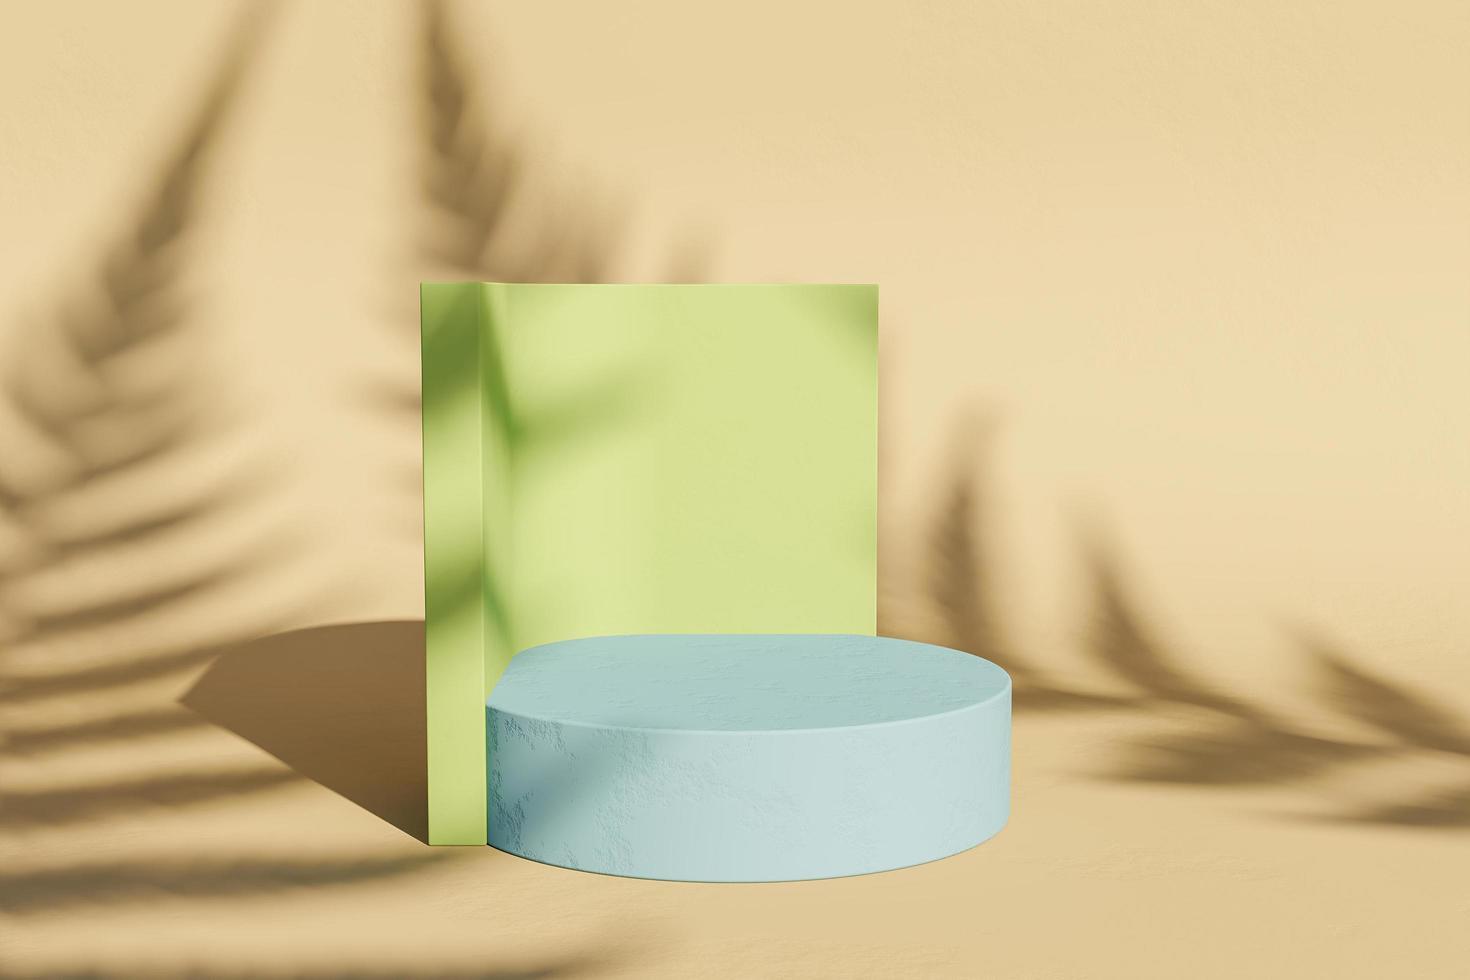 minimalistische standaard voor productvertoning met varenschaduw foto